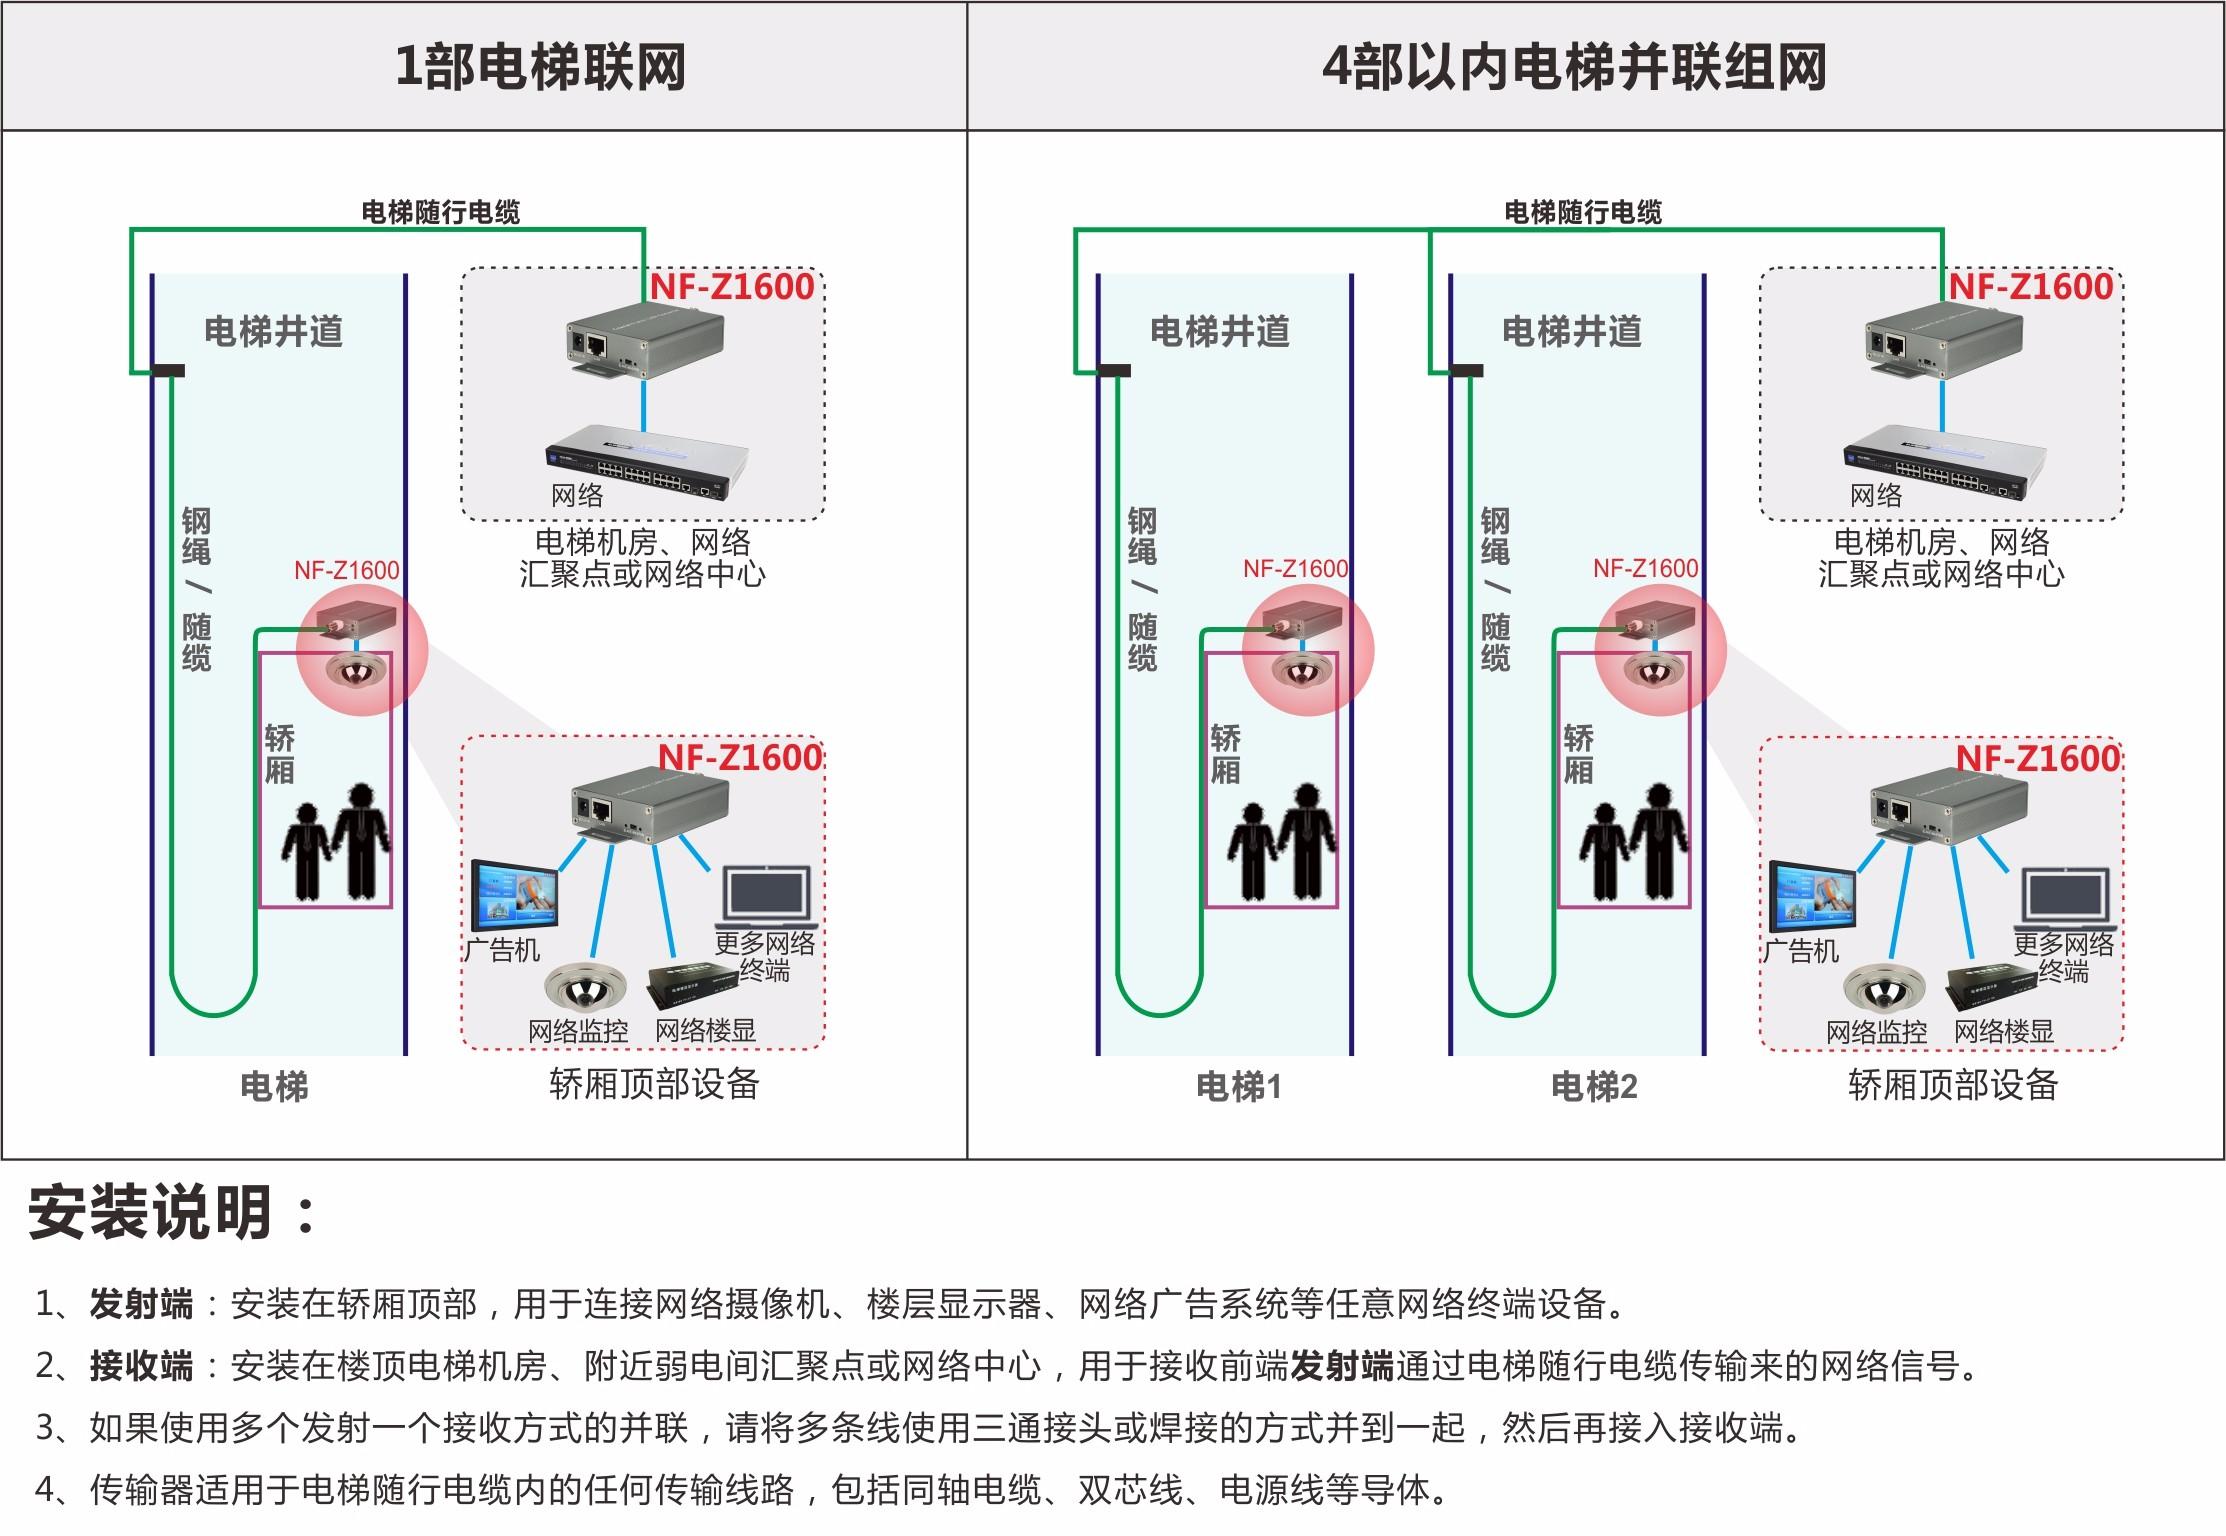 2芯线电梯网络传输器安装示意图